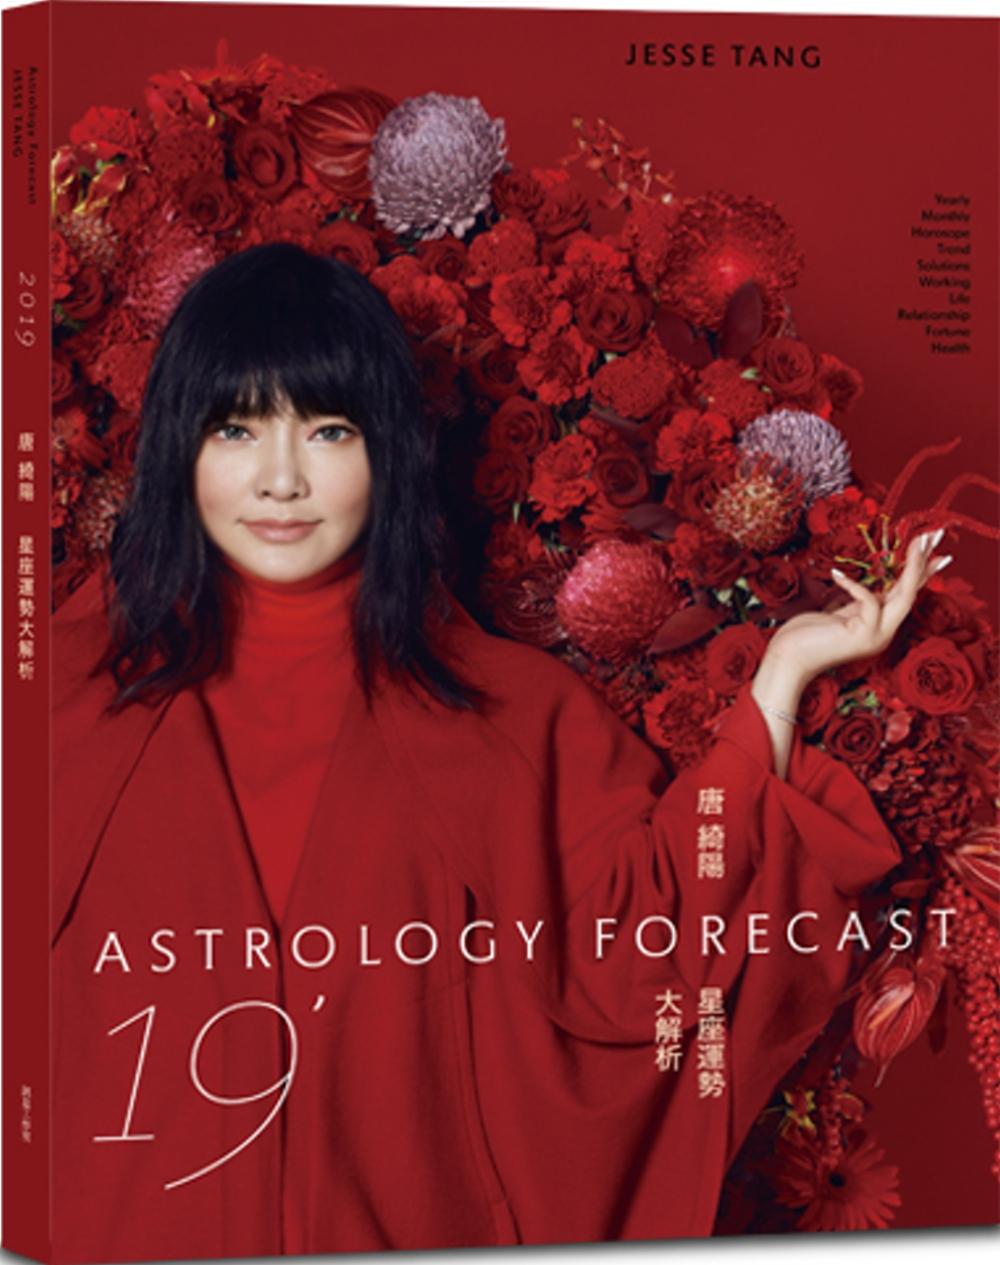 2019唐綺陽星座運勢大解析(簽名版)